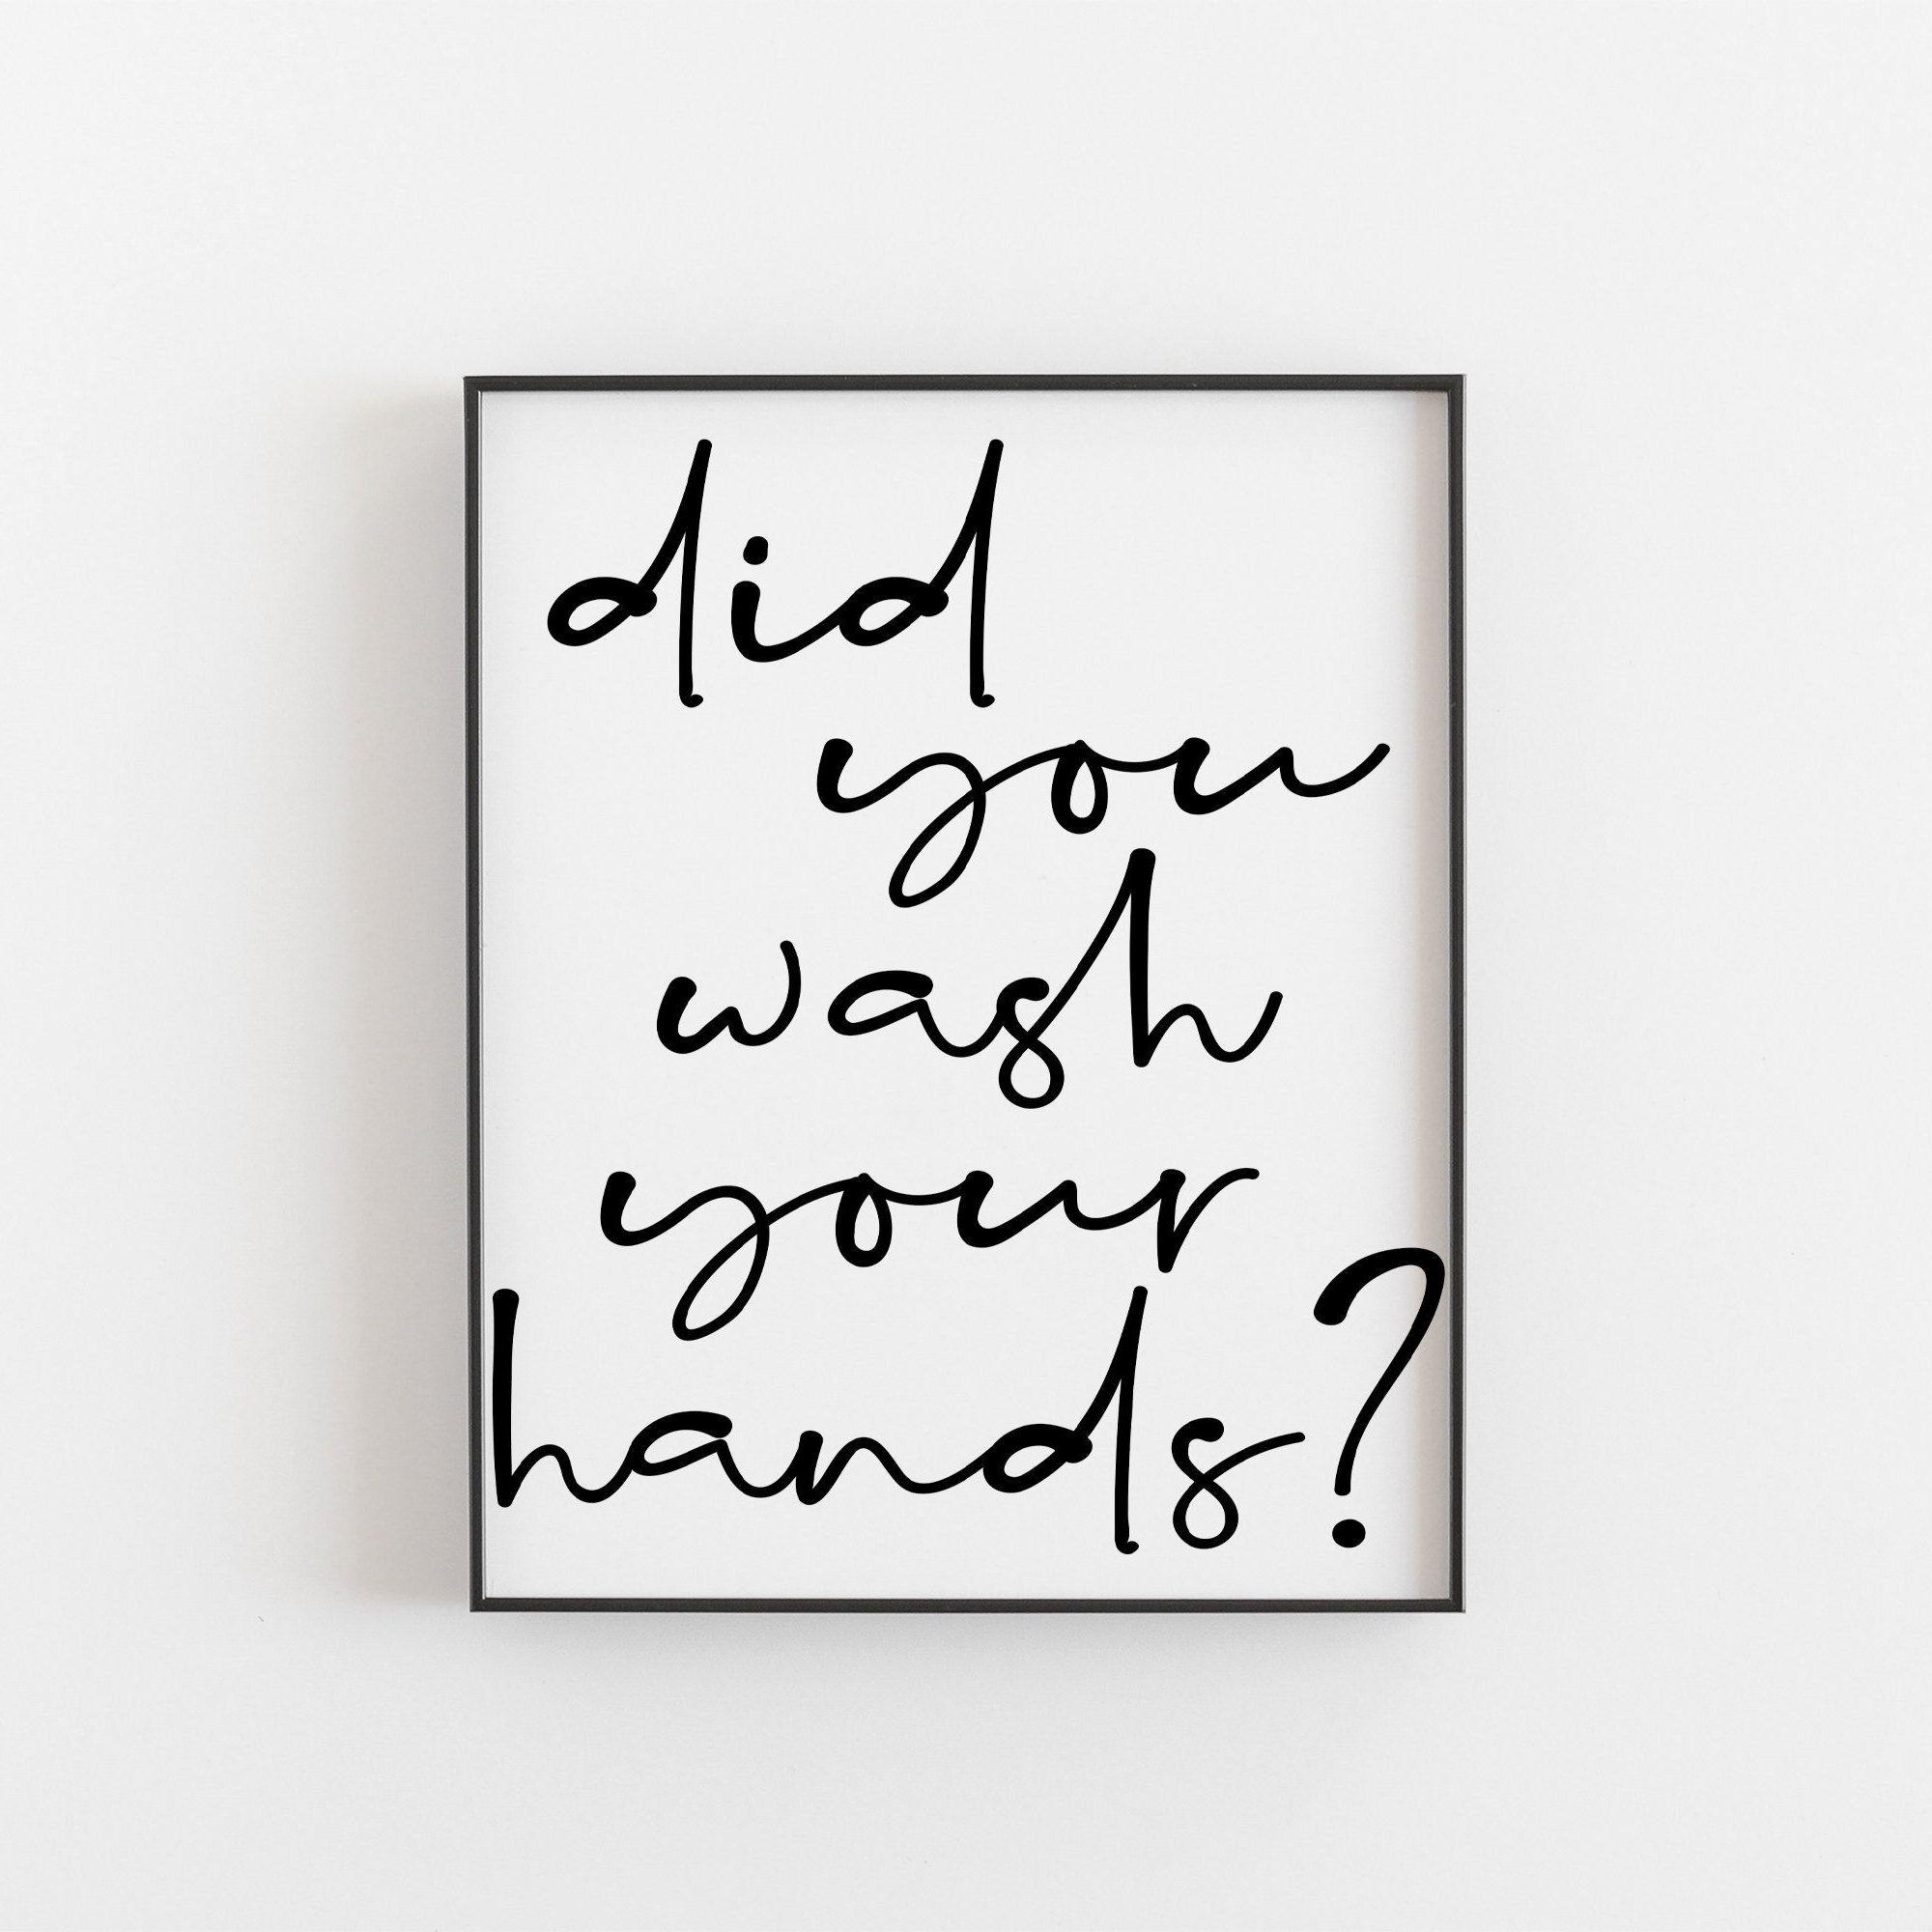 Bathroom Print Washroom Print Wash Room Print Wash Your Hands Print Bathroom Sign Bathroom Art Bathroom Decor In 2020 Quote Prints Bathroom Prints Bathroom Art